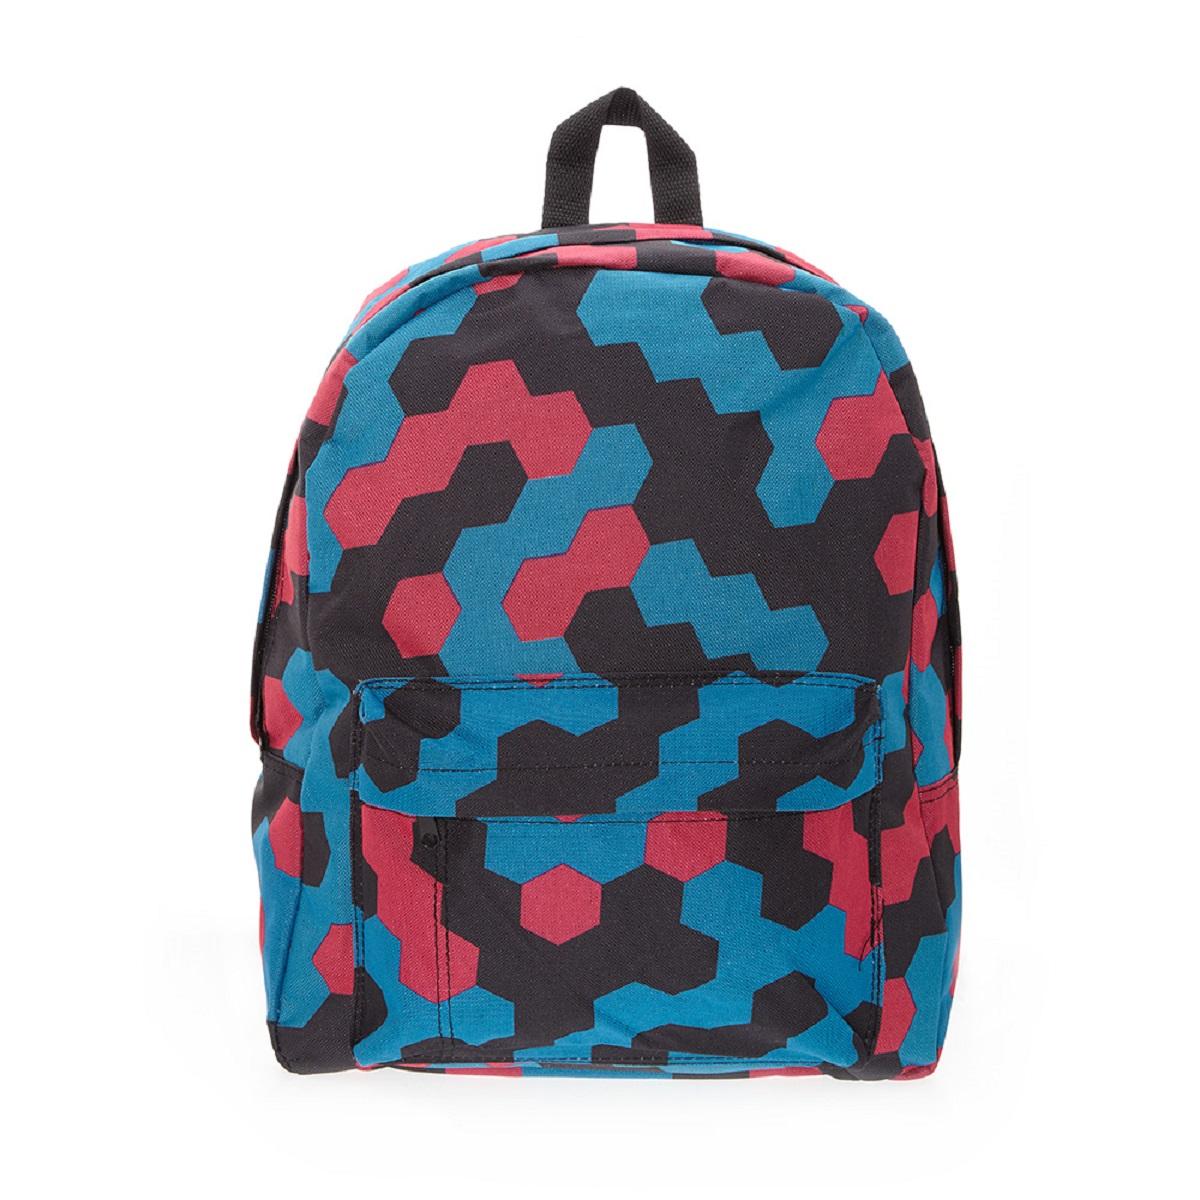 Рюкзак городской 3D Bags Мозаика, 16 л3DBC329Рюкзак городской 3D Bags Мозаика, 16 л. Стильный, вместительный и практичный, рюкзак понравится и школьникам, и студентам.Просторный внутренний отсек, наружный карман на молнии будут очень удобны в использовании.